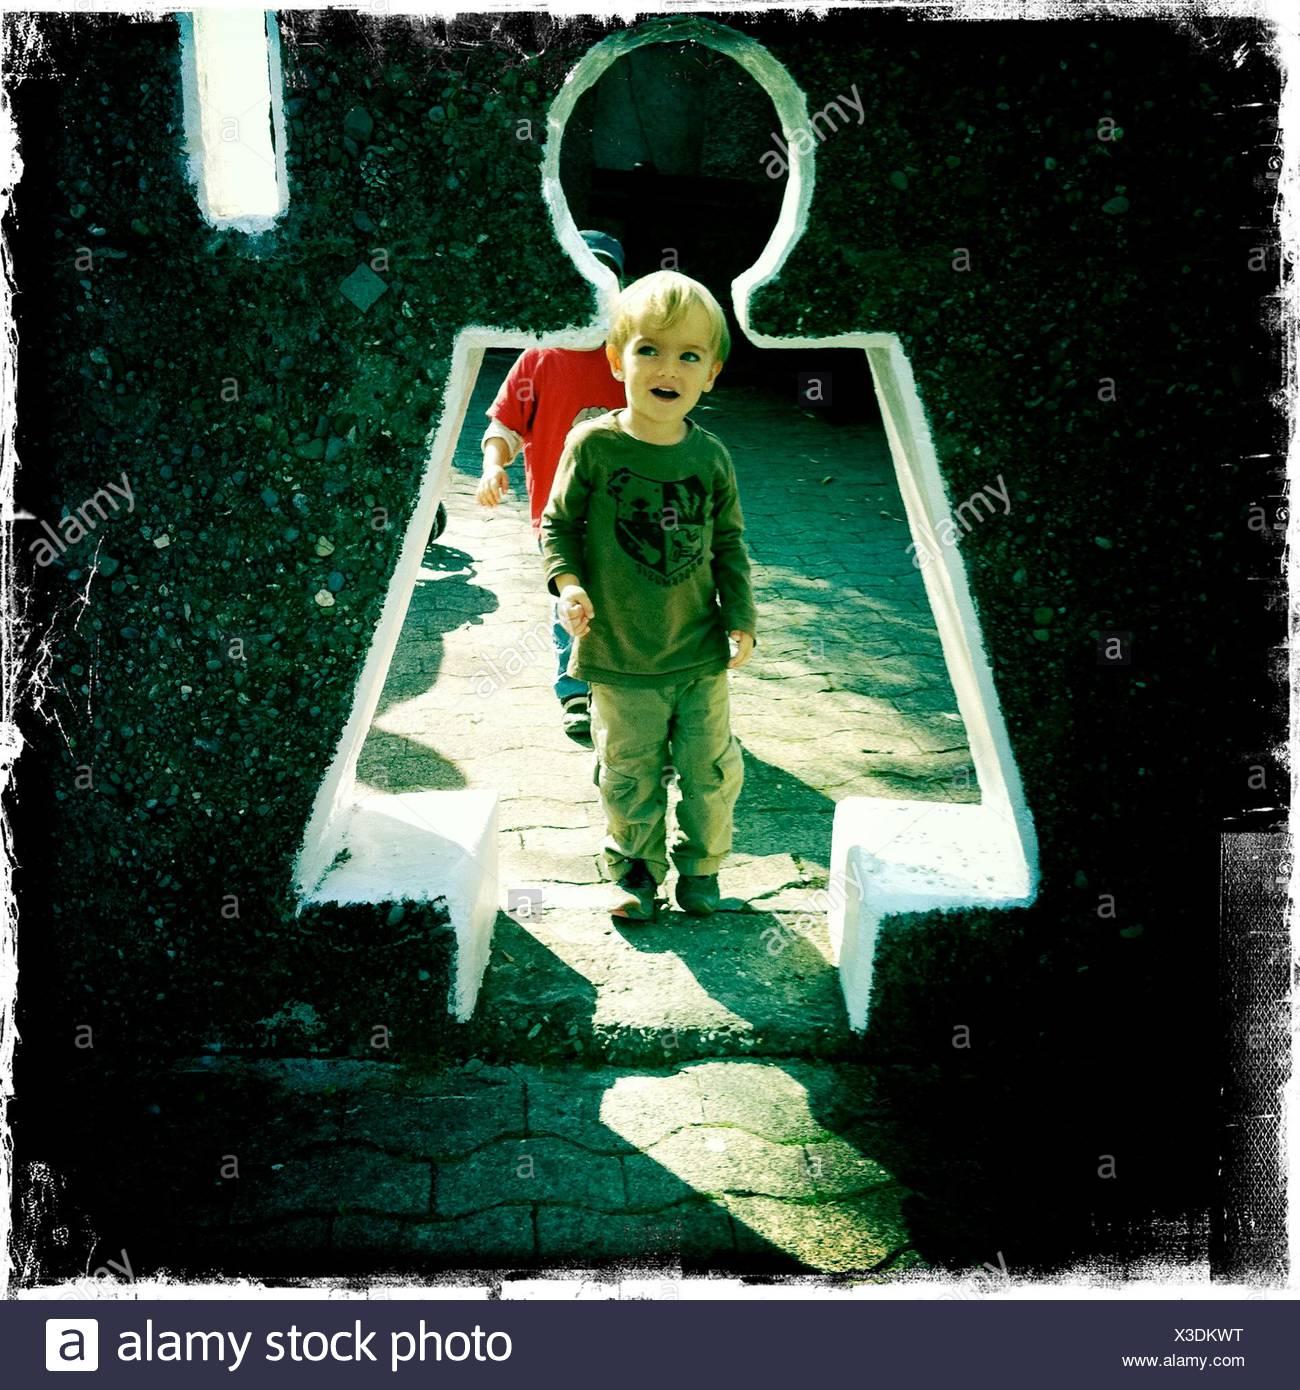 La longitud total del muchacho muro creativo entrada Imagen De Stock